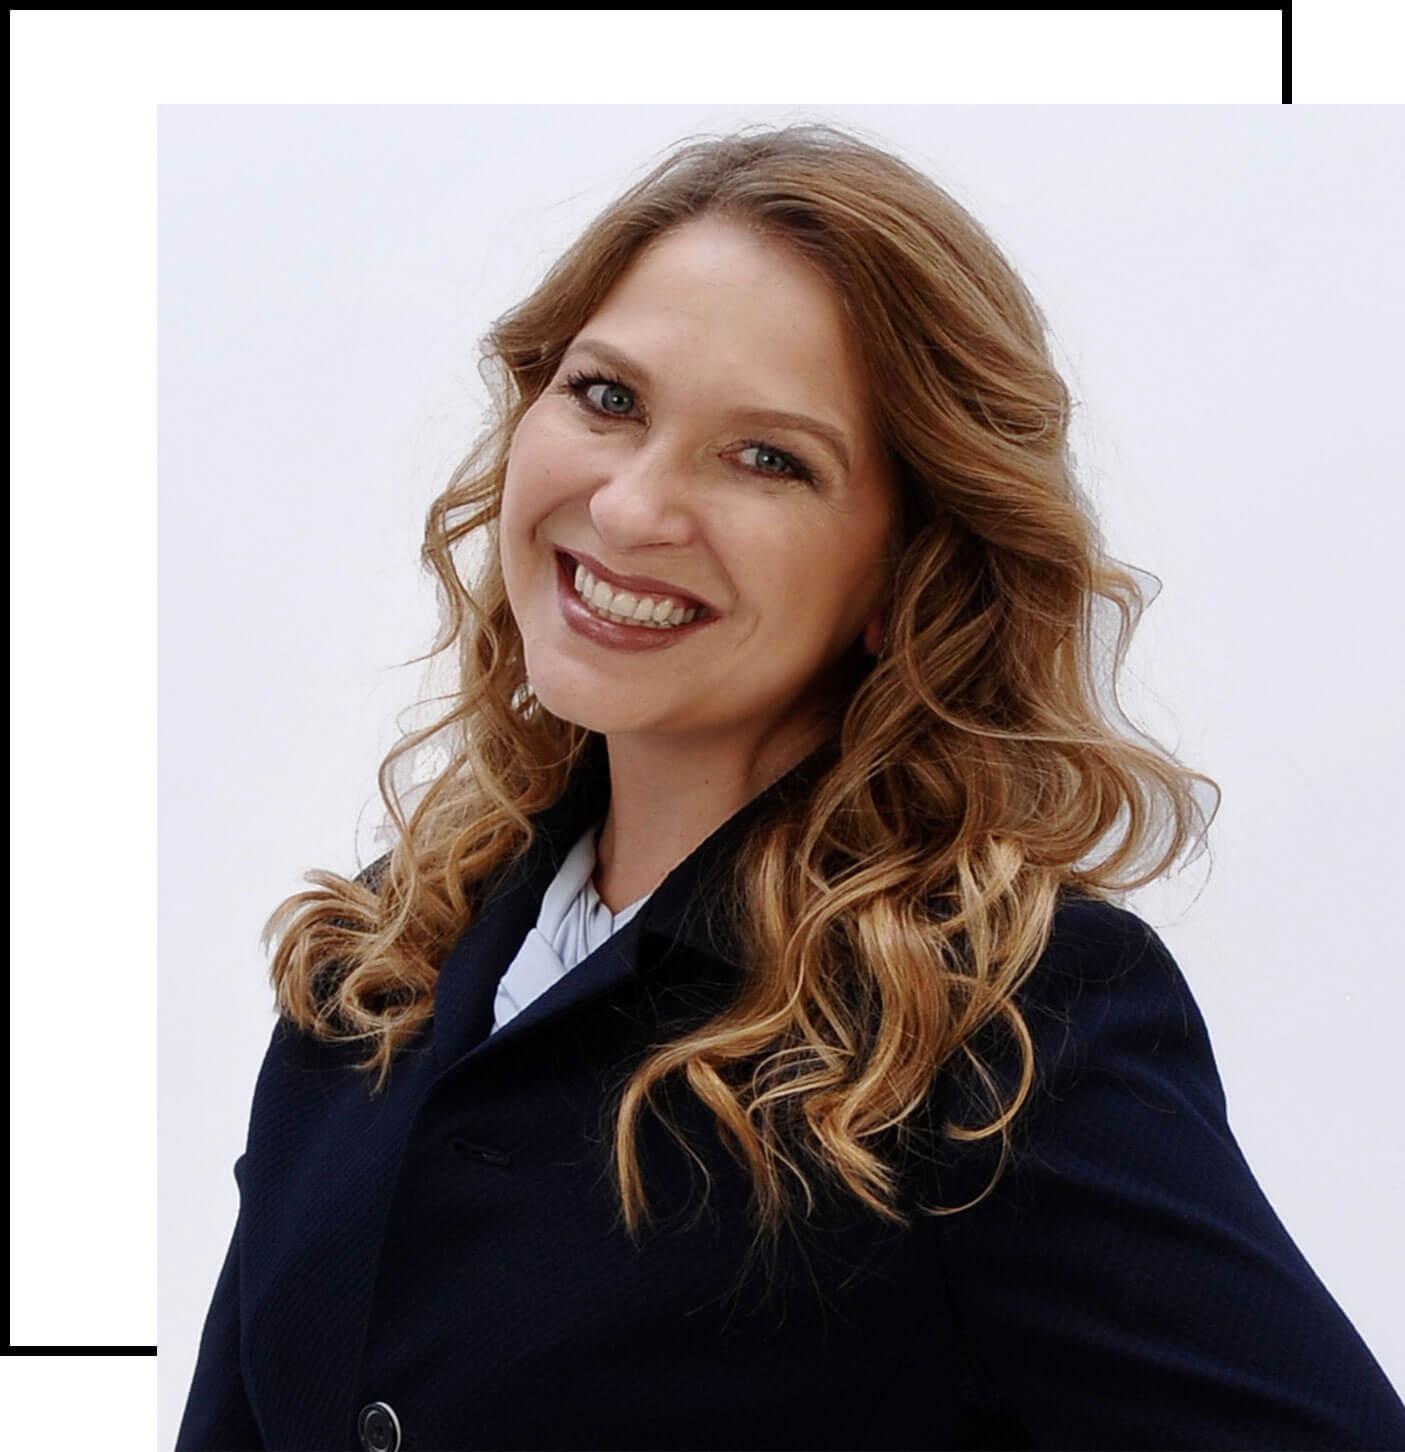 Melanie Holscher